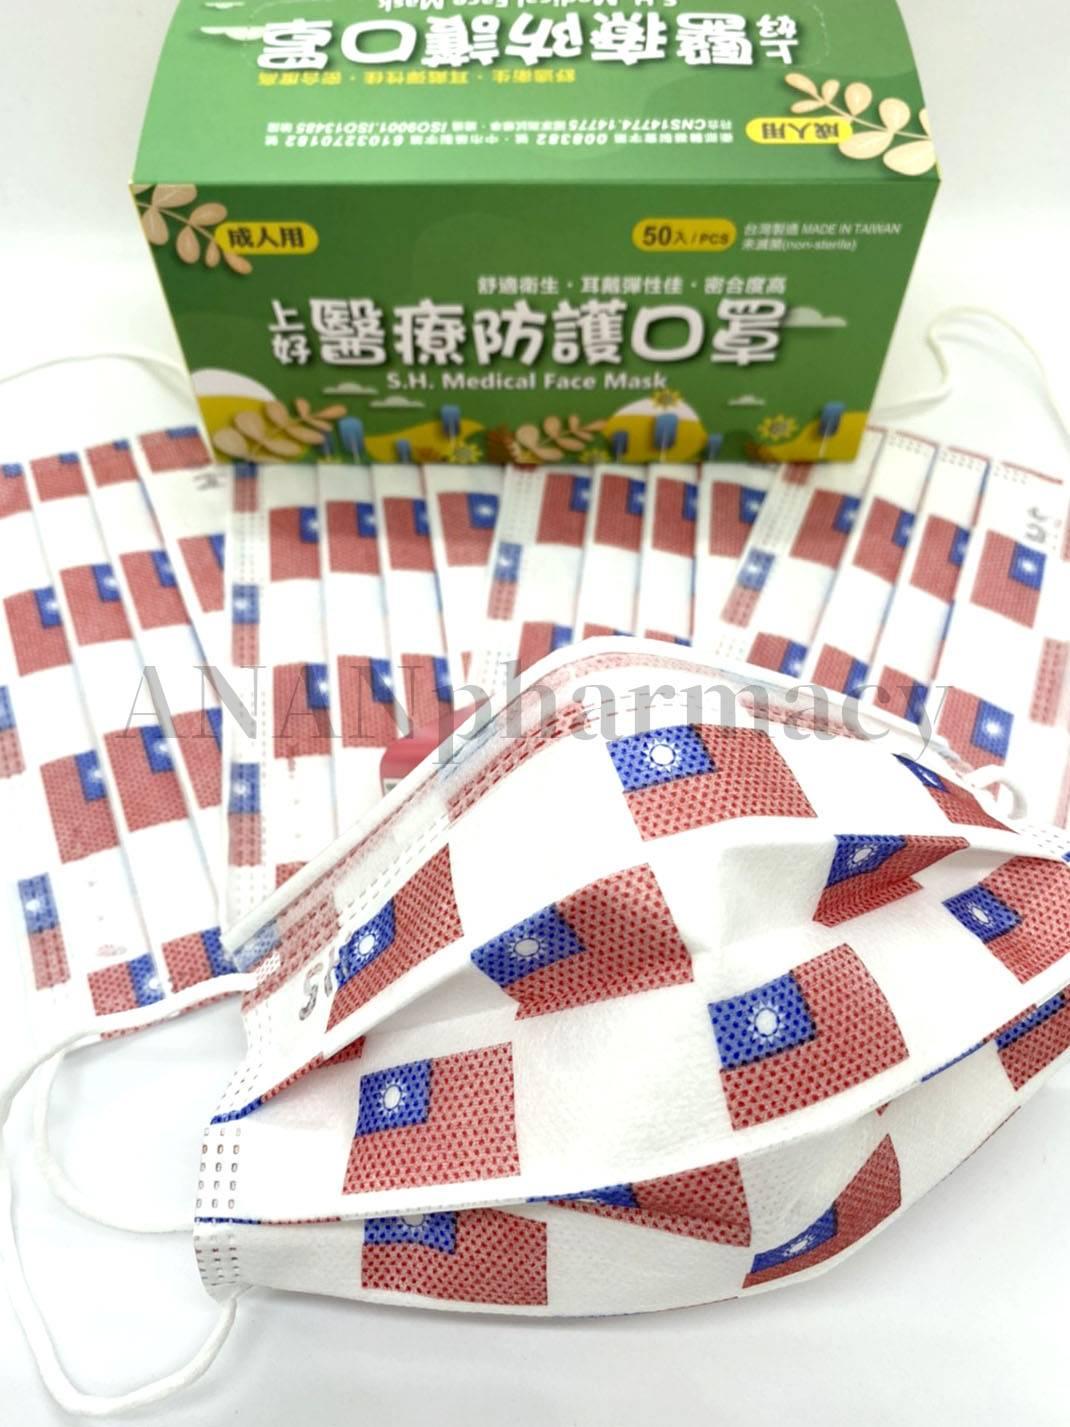 【上好生醫 】成人醫療口罩50片/盒 愛台灣口罩 (台灣國旗) 042670